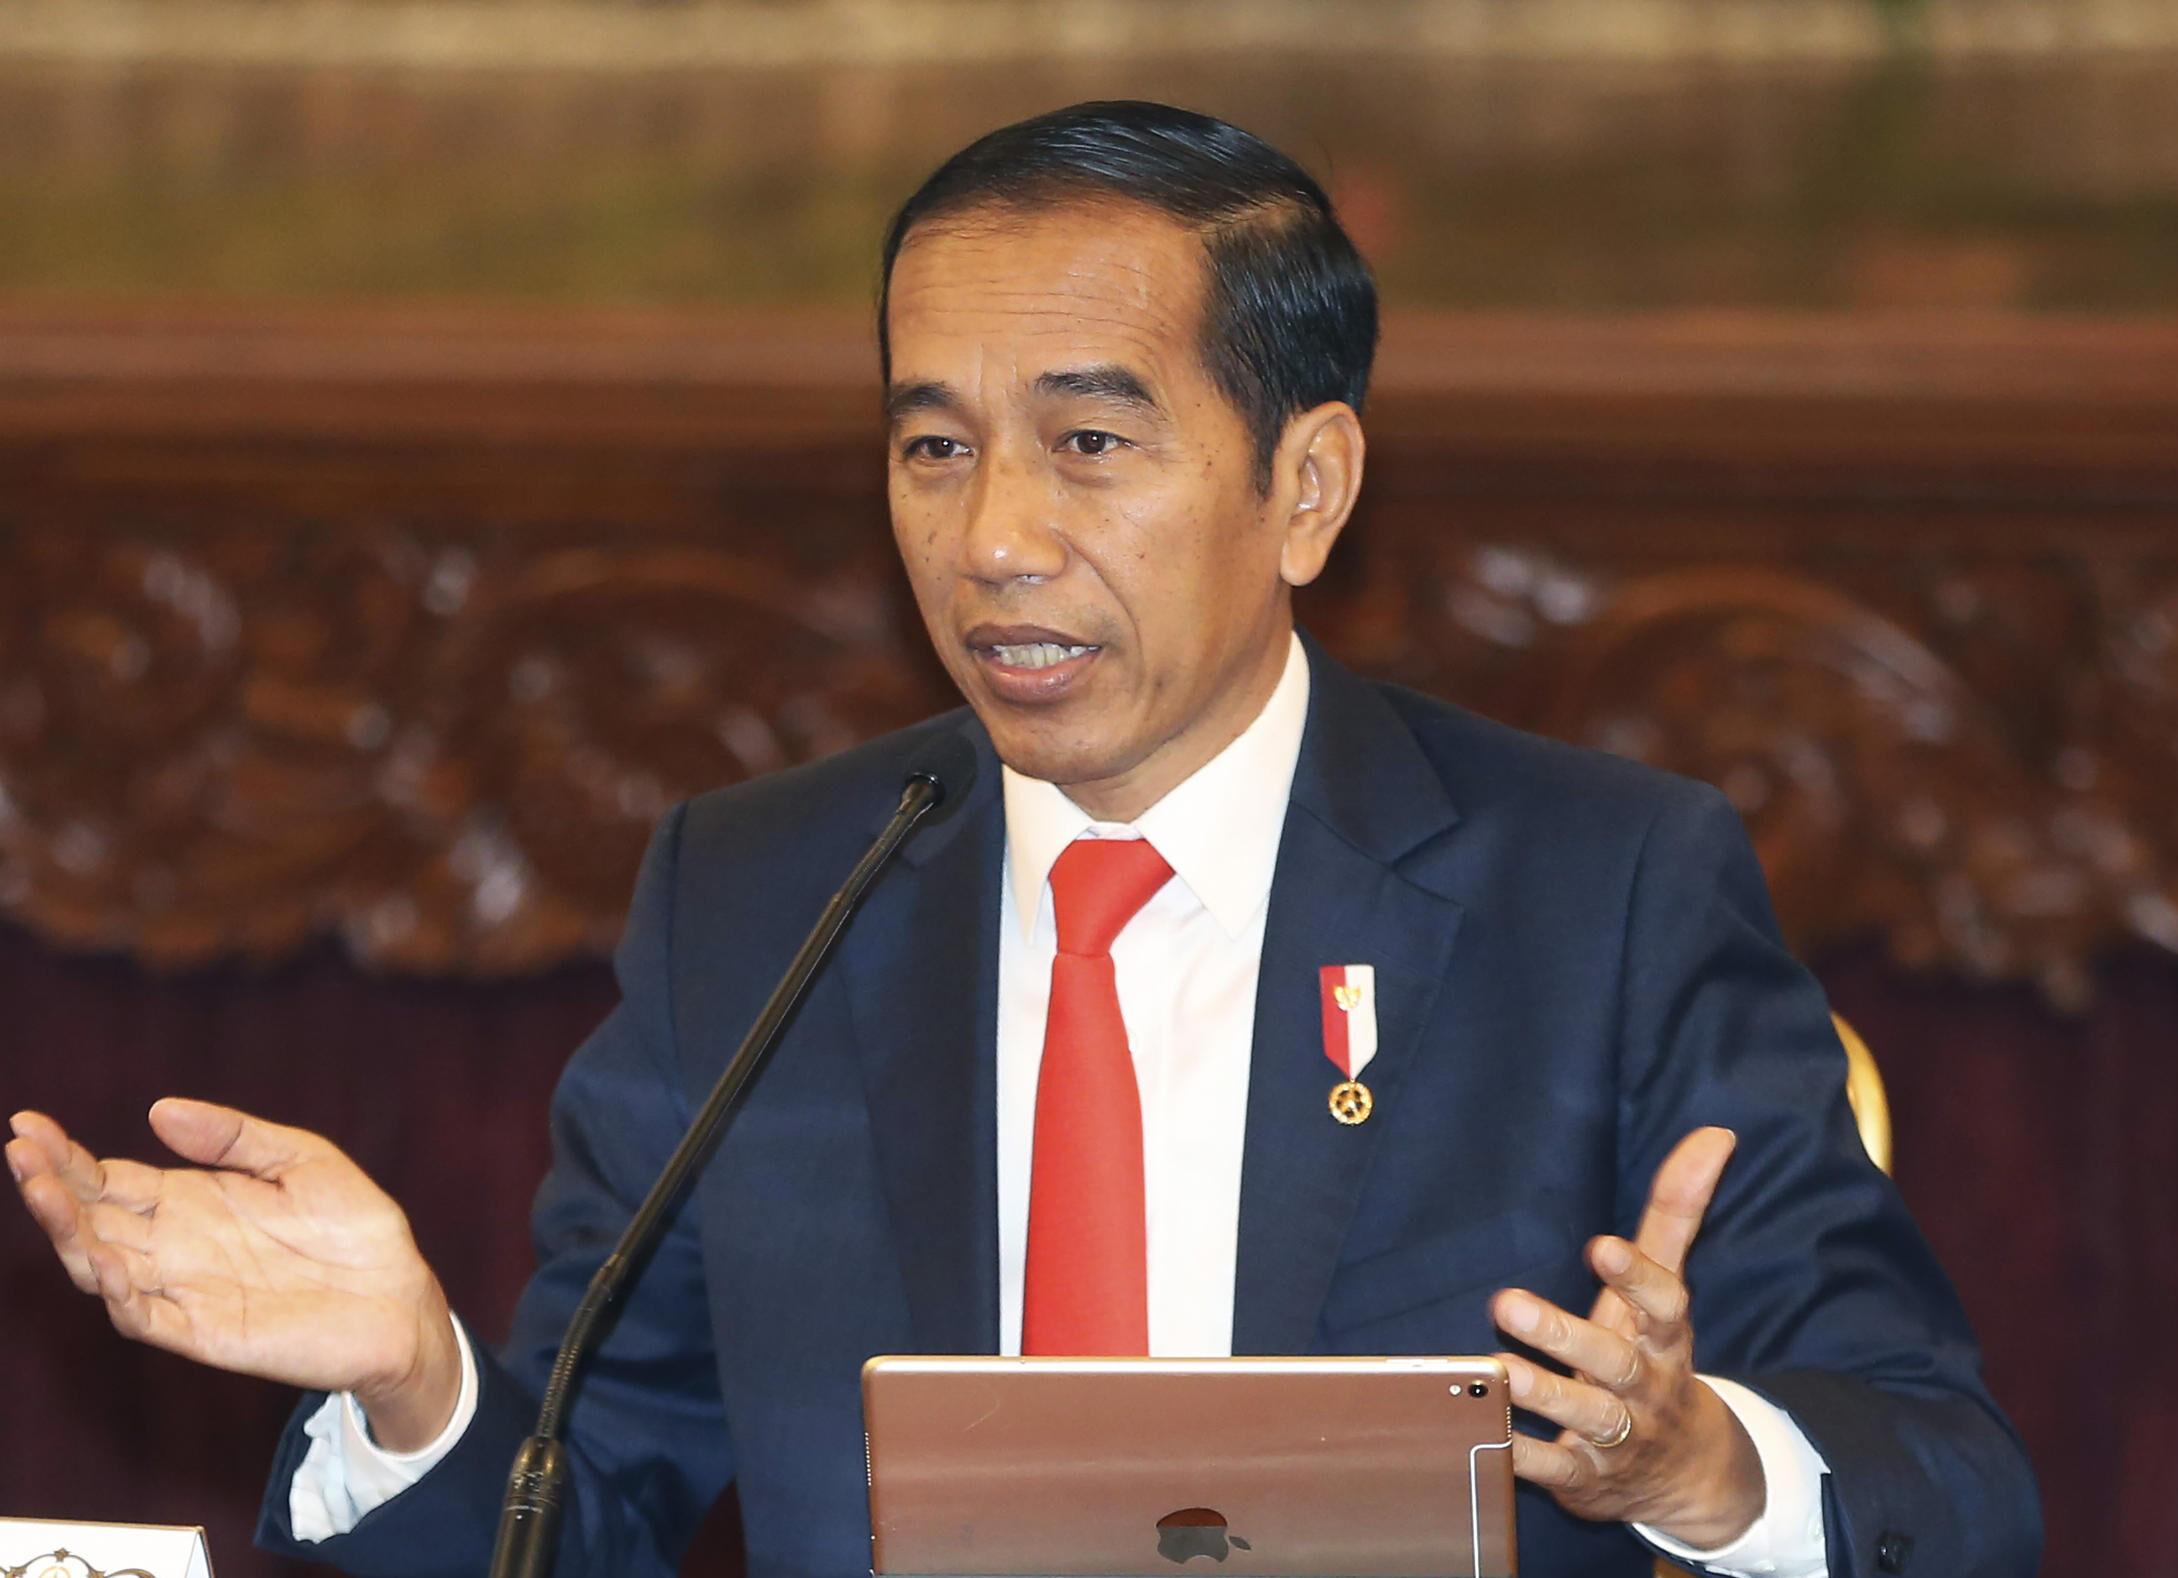 မြန်မာ့အရေး အာဆီယံအစည်းအဝေးခေါ်ဖို့ အင်ဒိုနီးရှားသမ္မတ တောင်းဆို